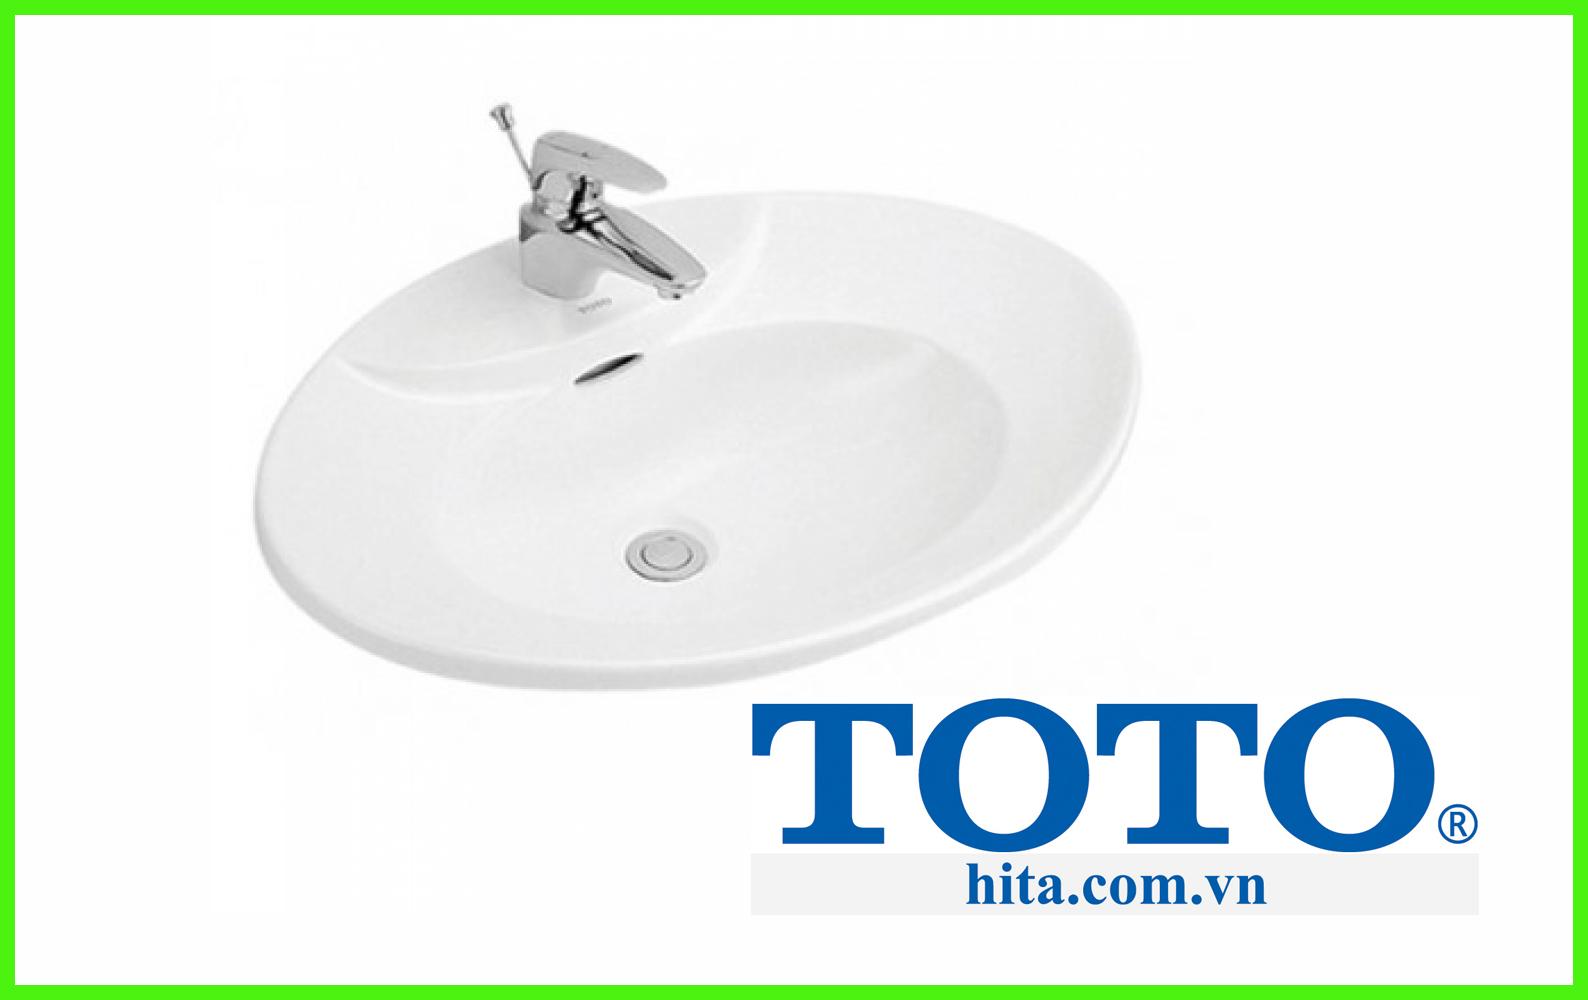 Chậu Rửa Dương Vành Toto L909C